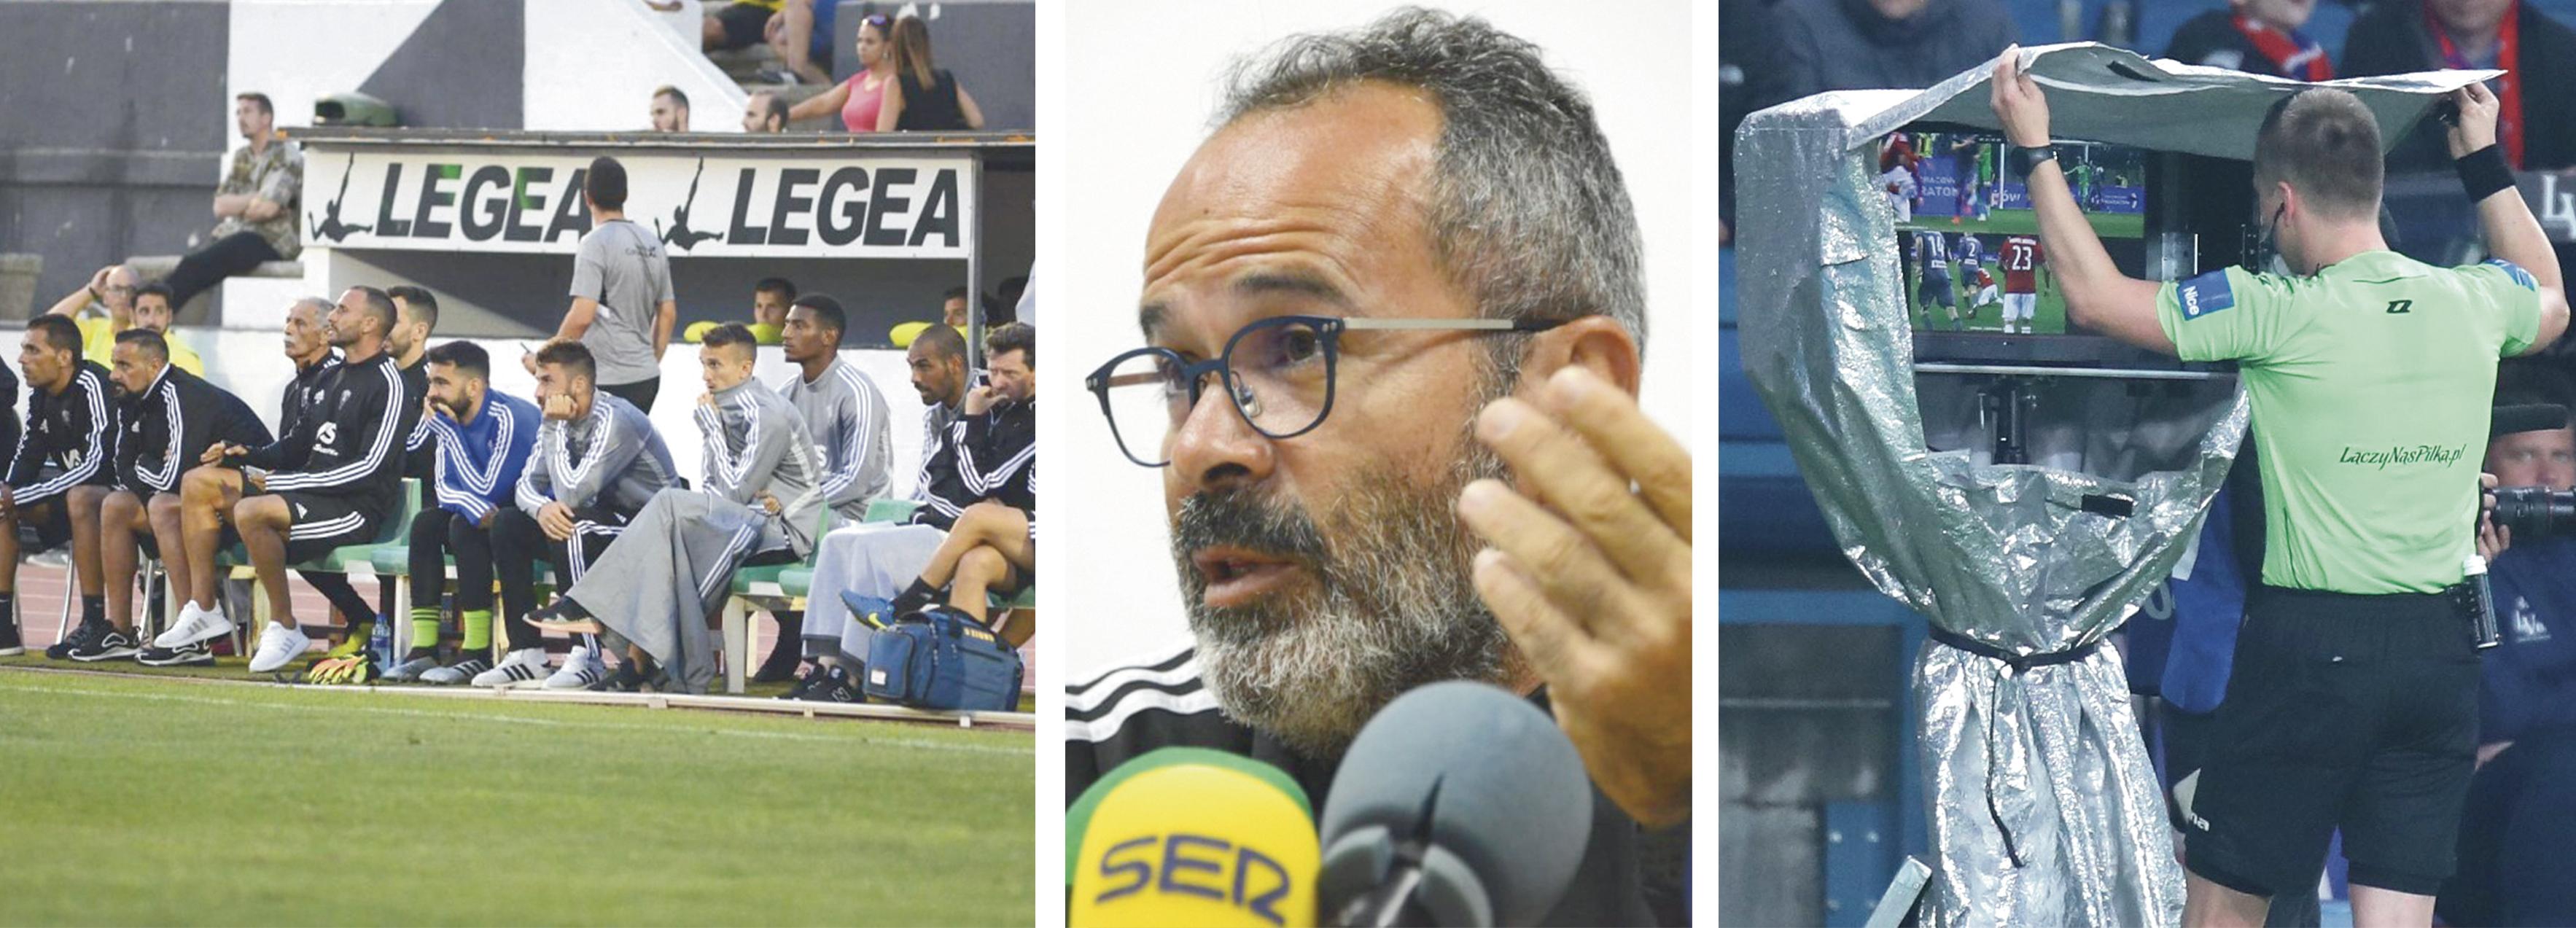 El Cádiz comienza con cuatro partidos en los que debería ganar o… al menos sumar